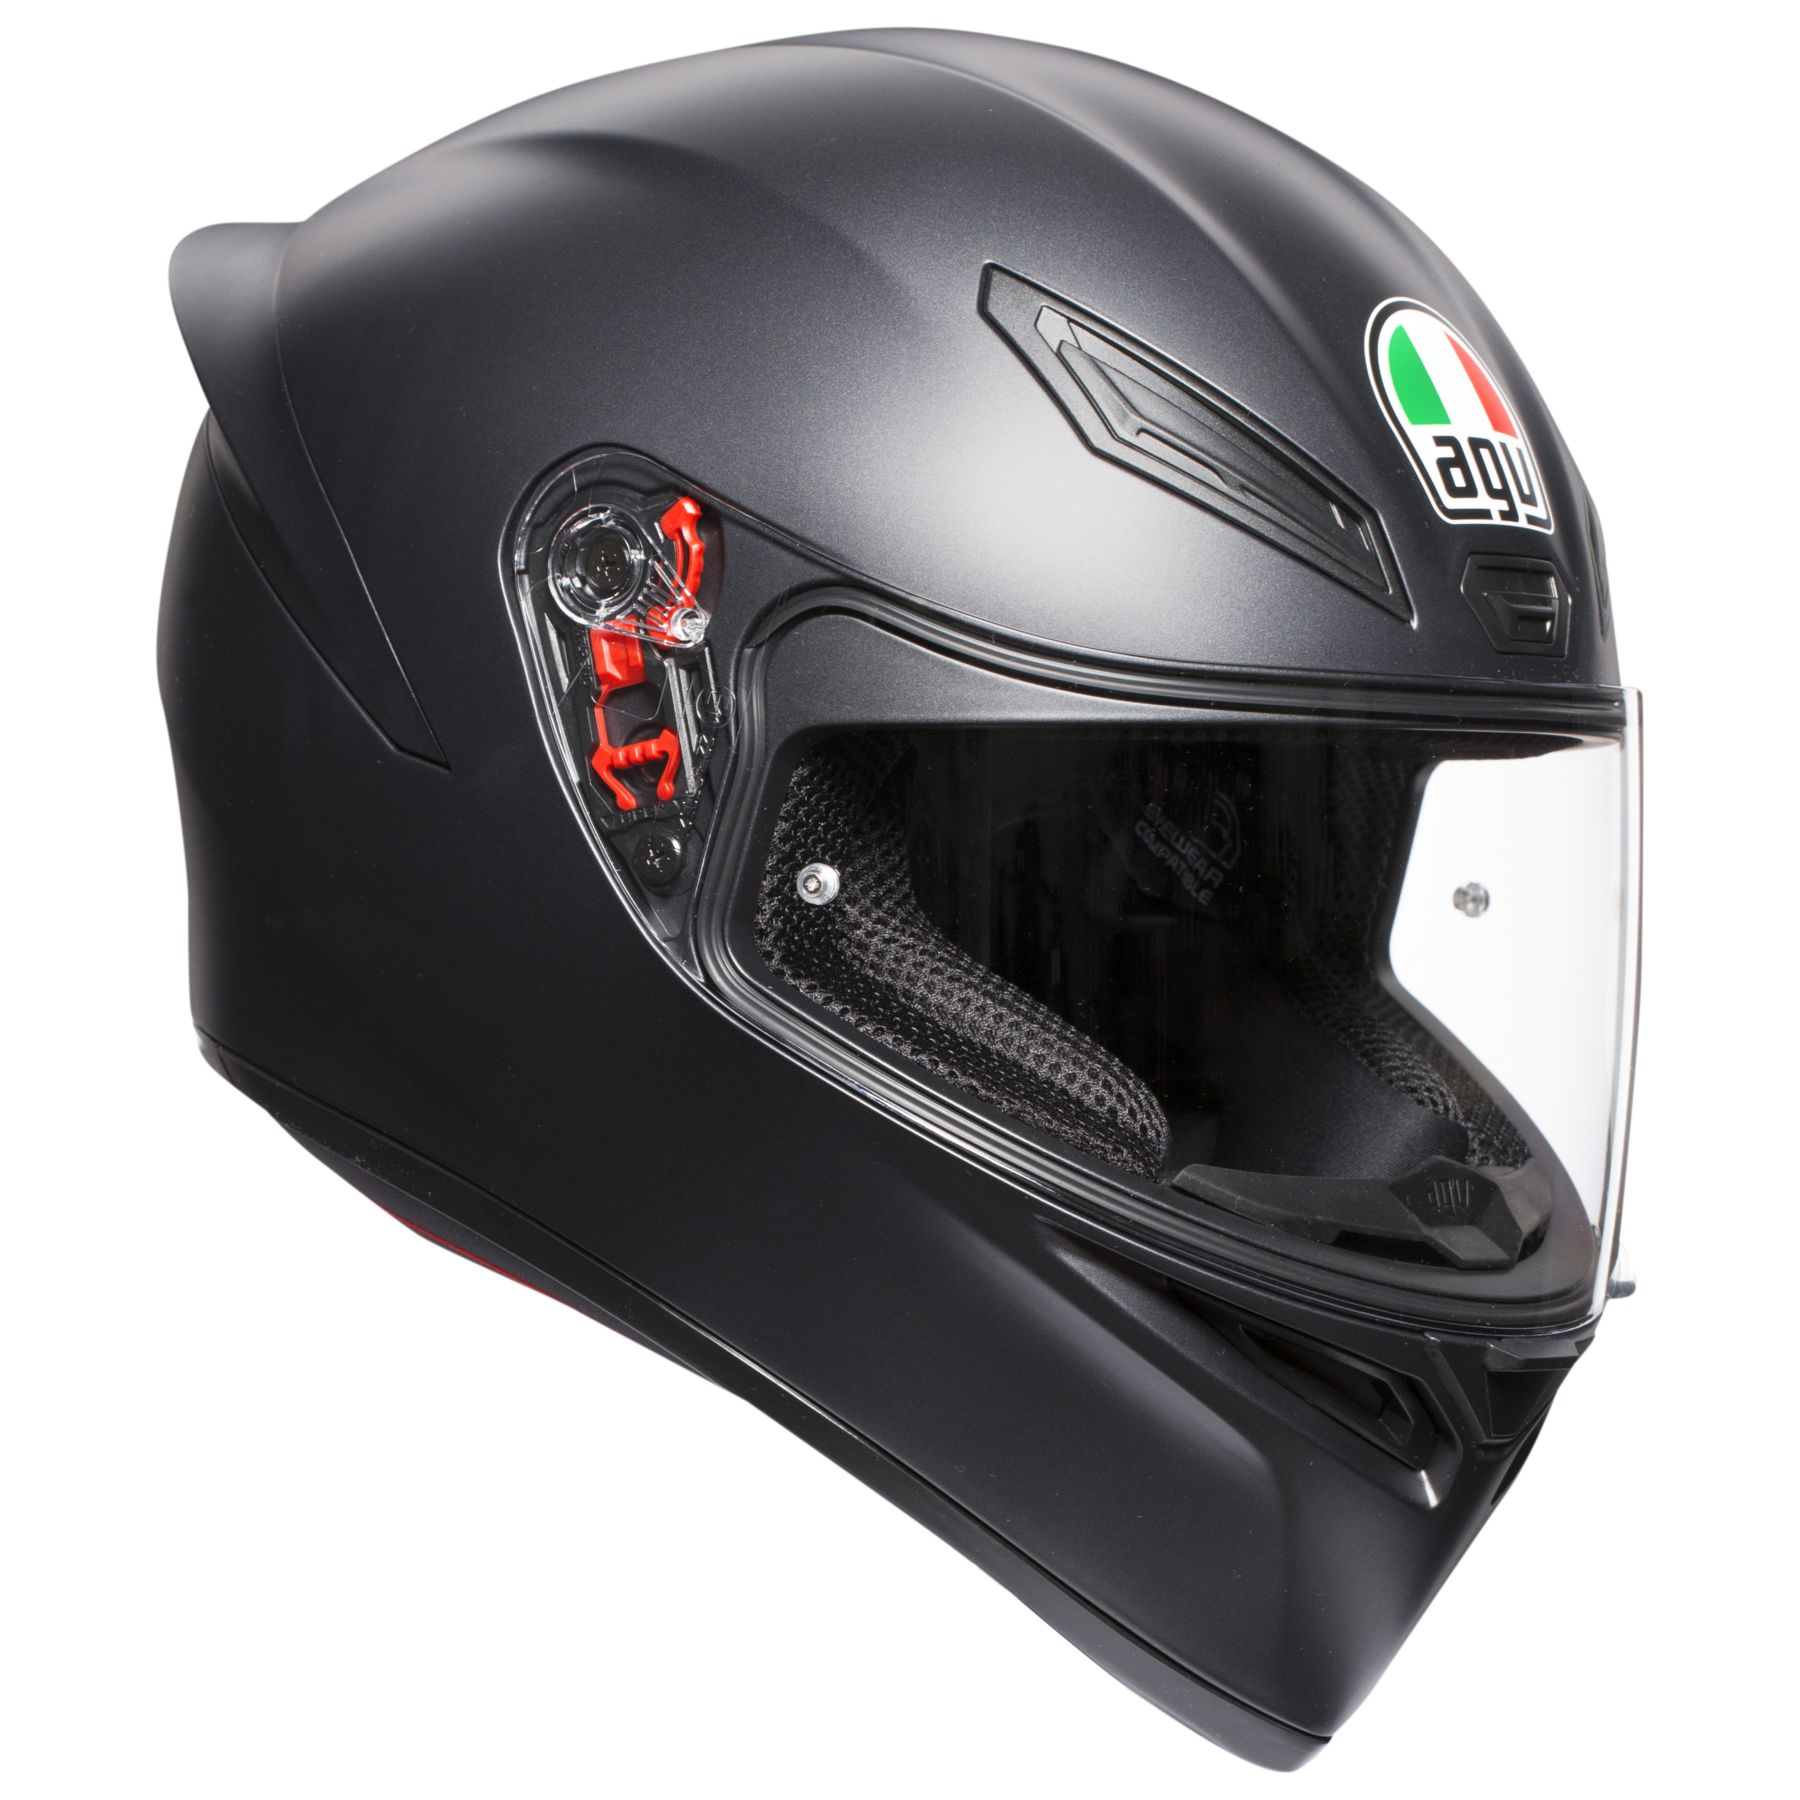 AGV K1 full face helmet